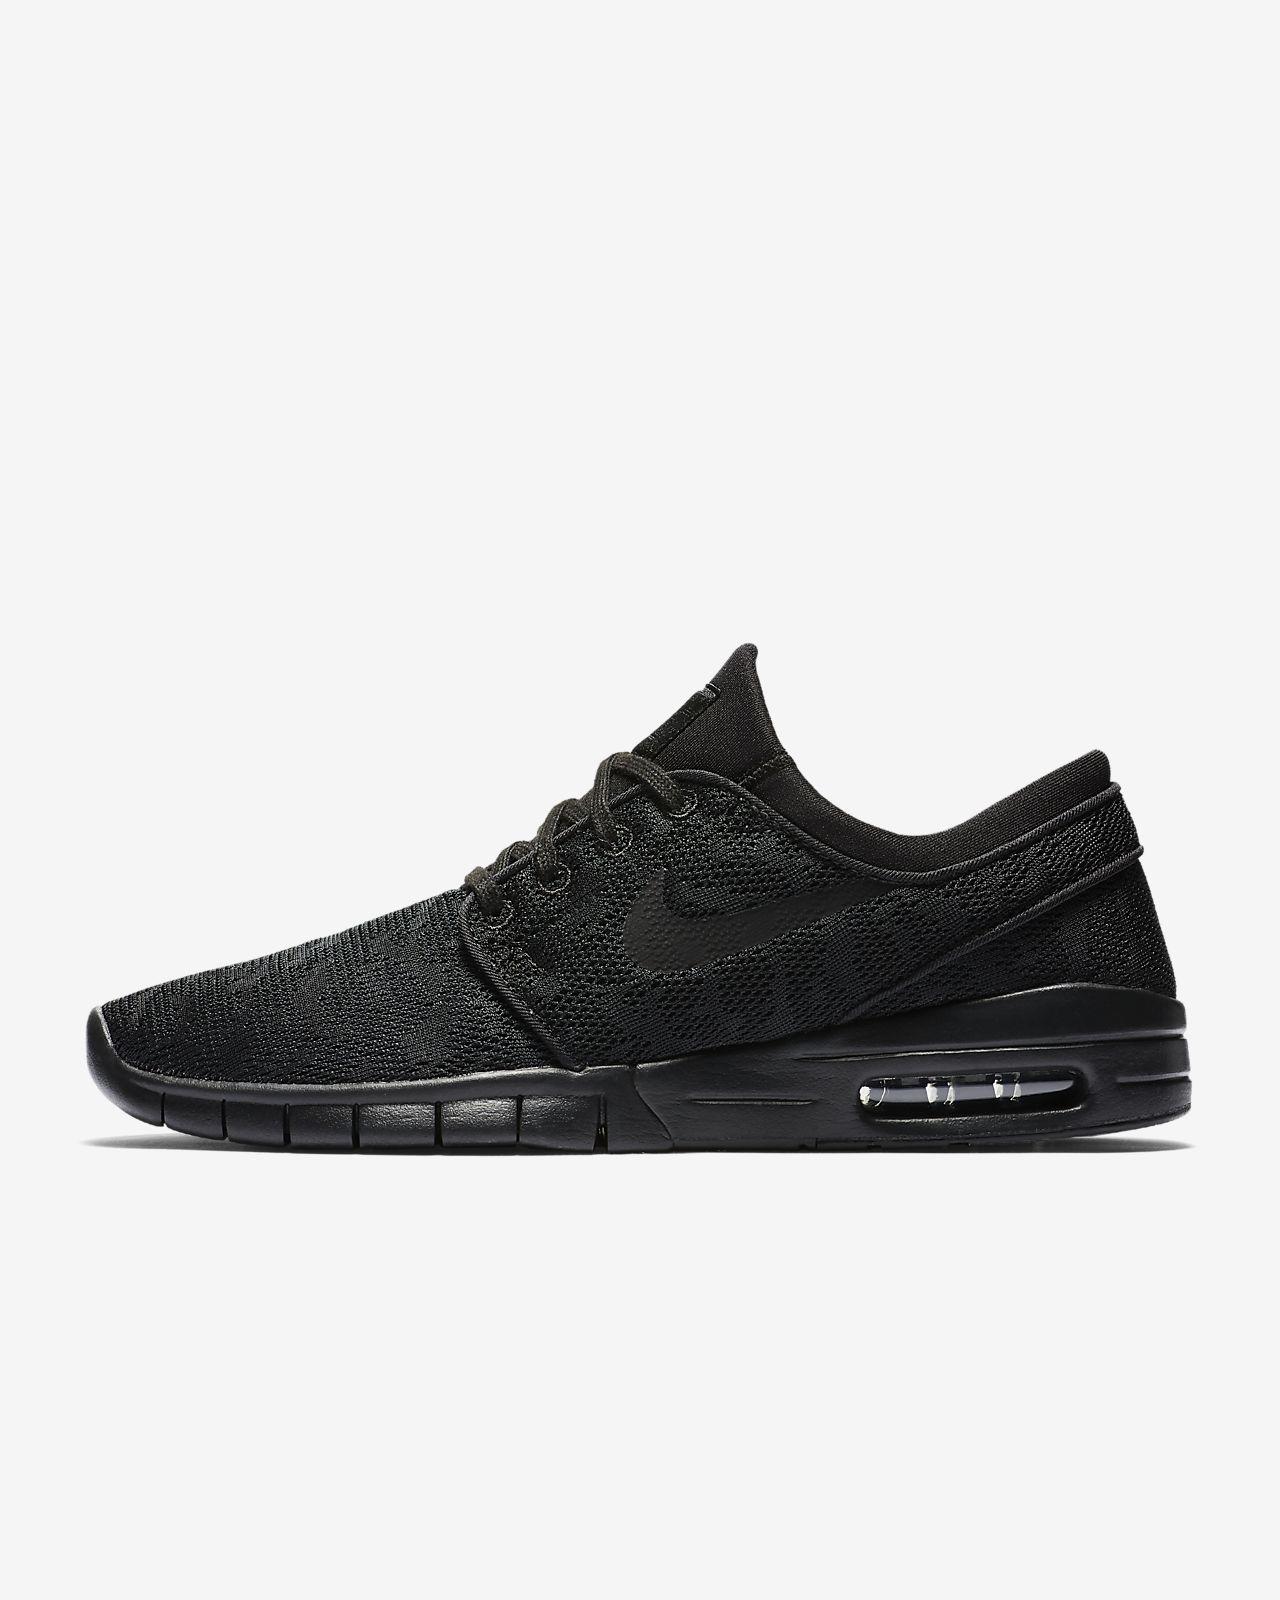 bd0e6ce6b003 Nike SB Stefan Janoski Max Skate Shoe. Nike.com GB